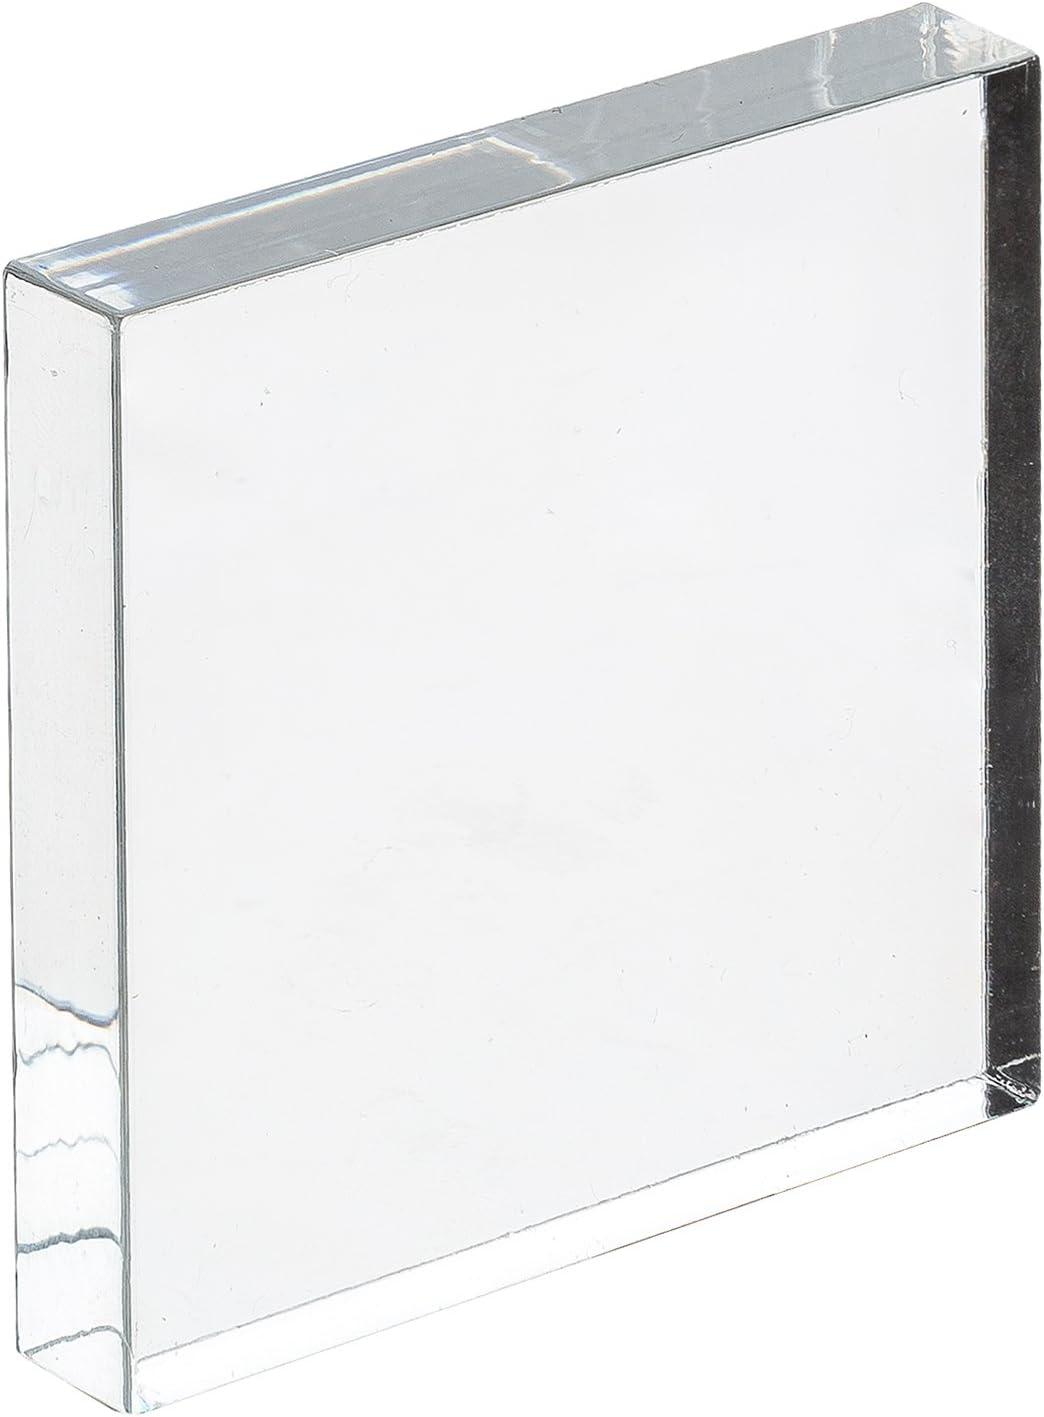 bruchfest /& vielseitig anwendbar Acrylglas-Zuschnitt Rechteckig transparente Acrylglas- Plexiglas-Platte beidseitig foliert 10 mm stark gepr/üfter UV-Schutz glasklar 200x100 mm